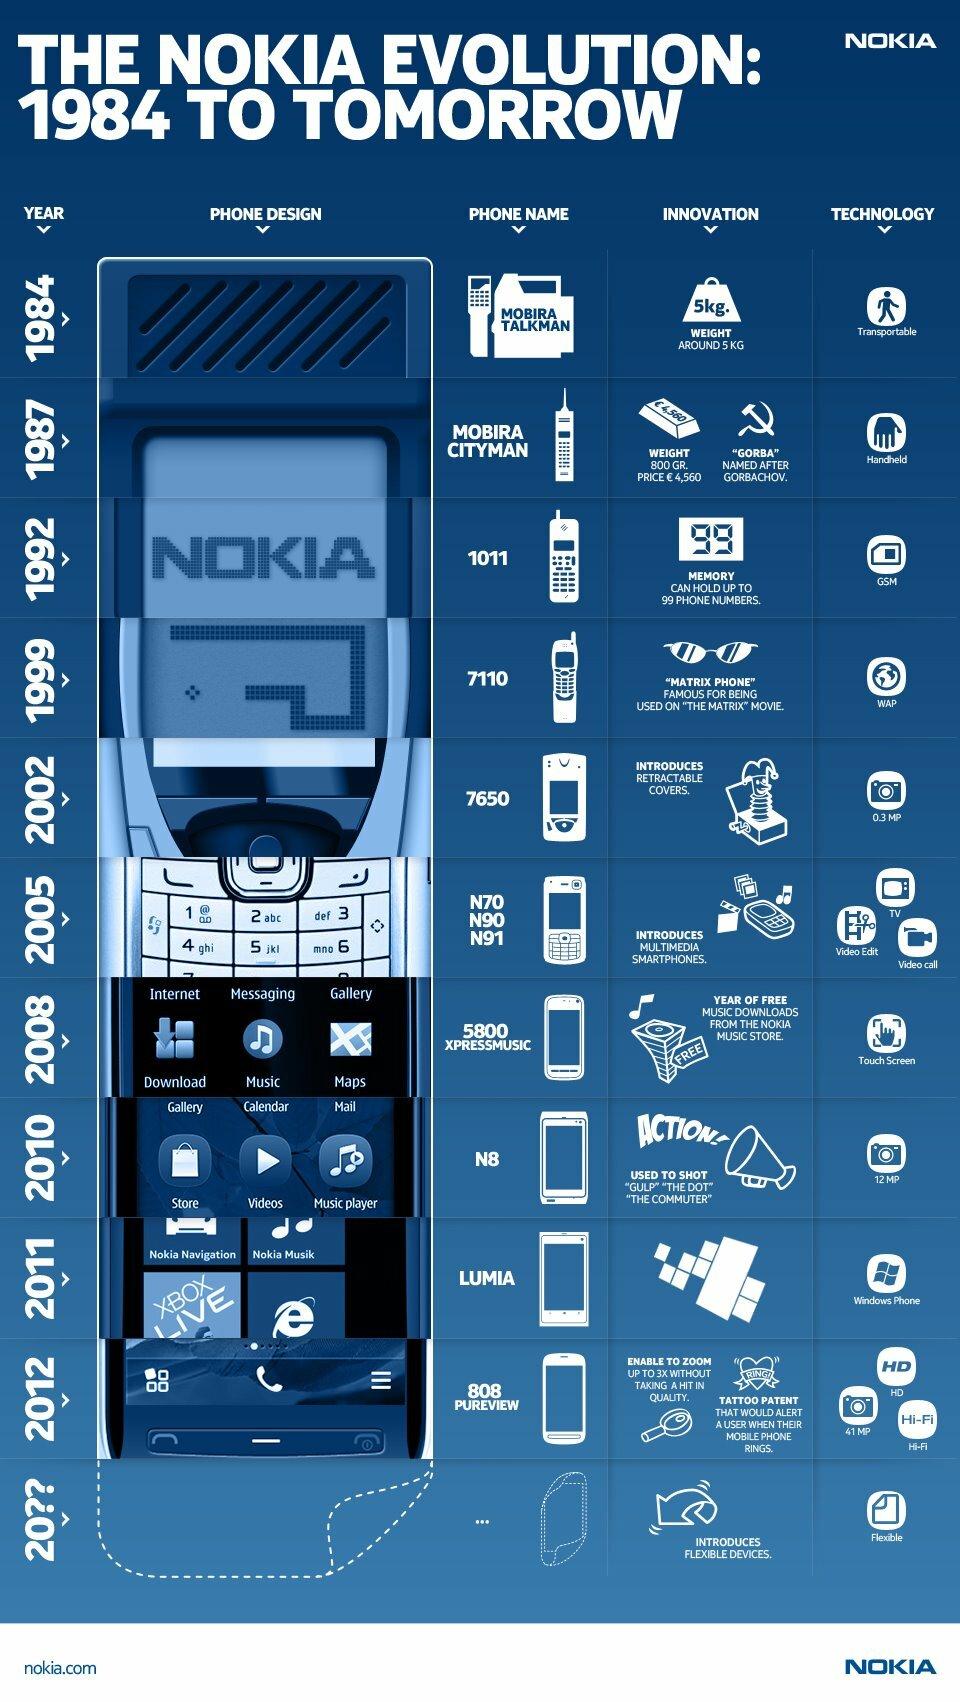 L'évolution des terminaux Nokia de 1984 à aujourd'hui